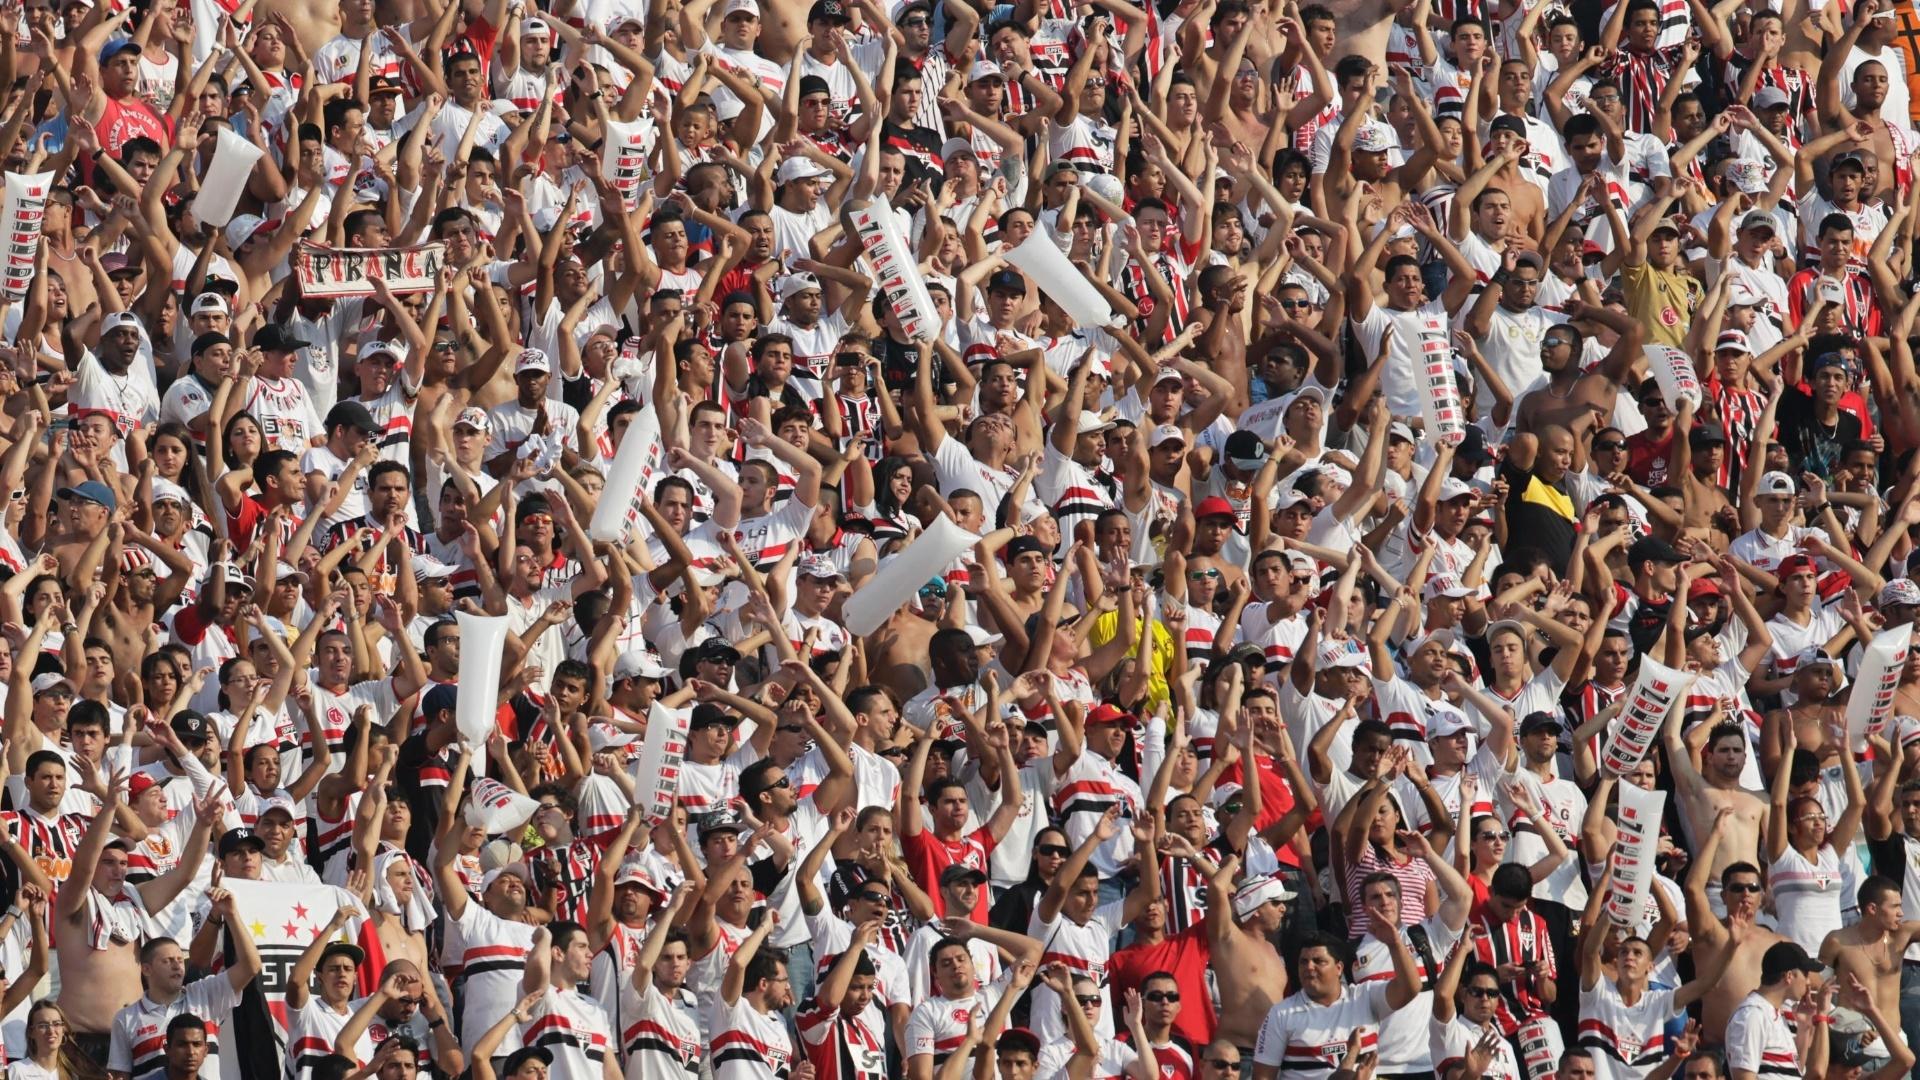 31.mar.2013 - Torcida do São Paulo apoia o time durante o clássico contra o Corinthians no Morumbi